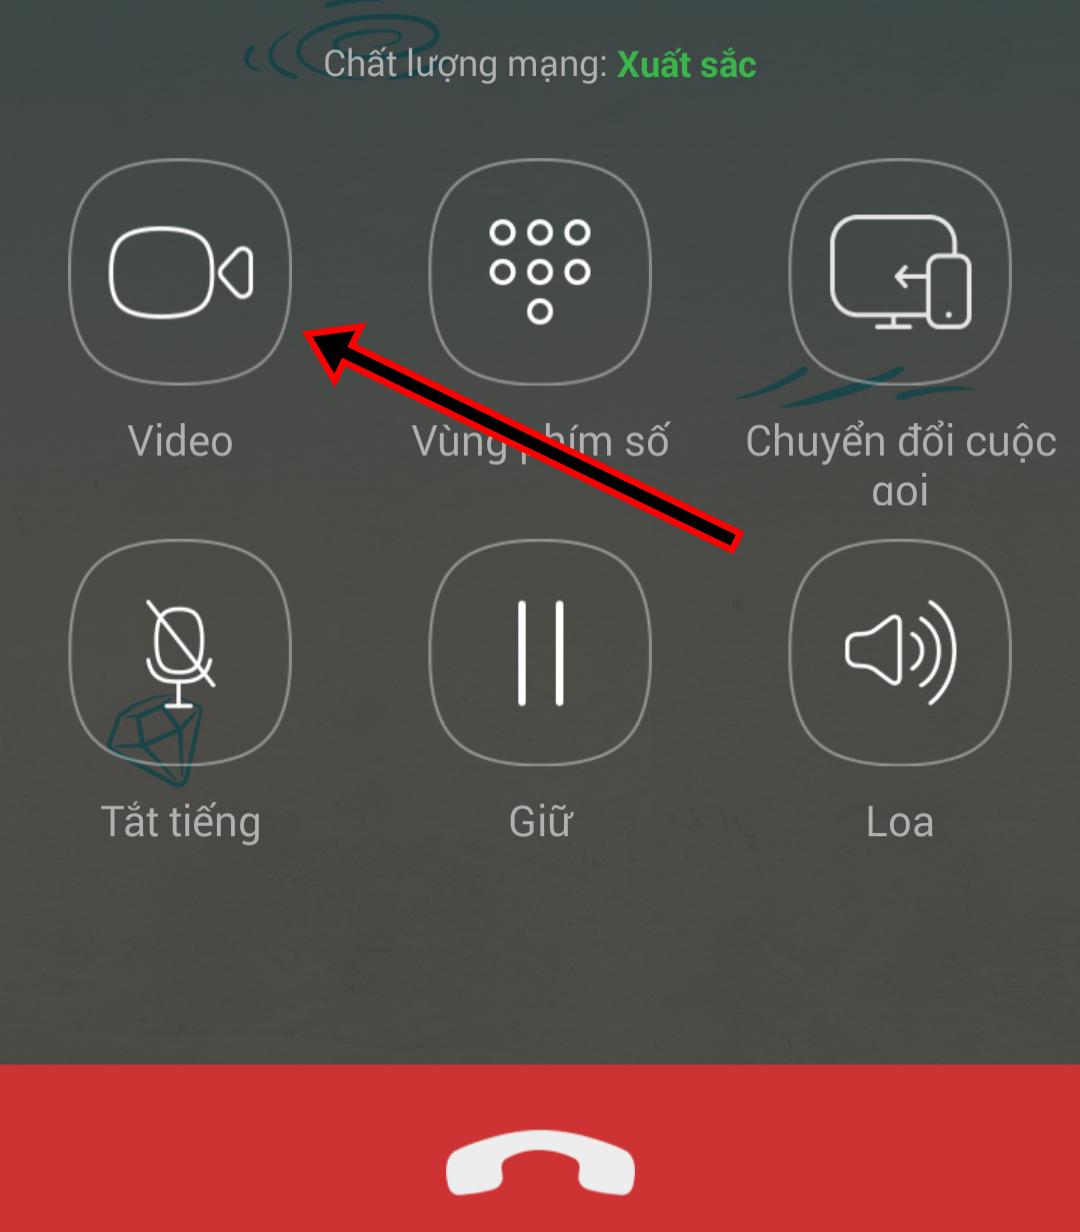 Hướng dẫn gọi video trên Viber 4